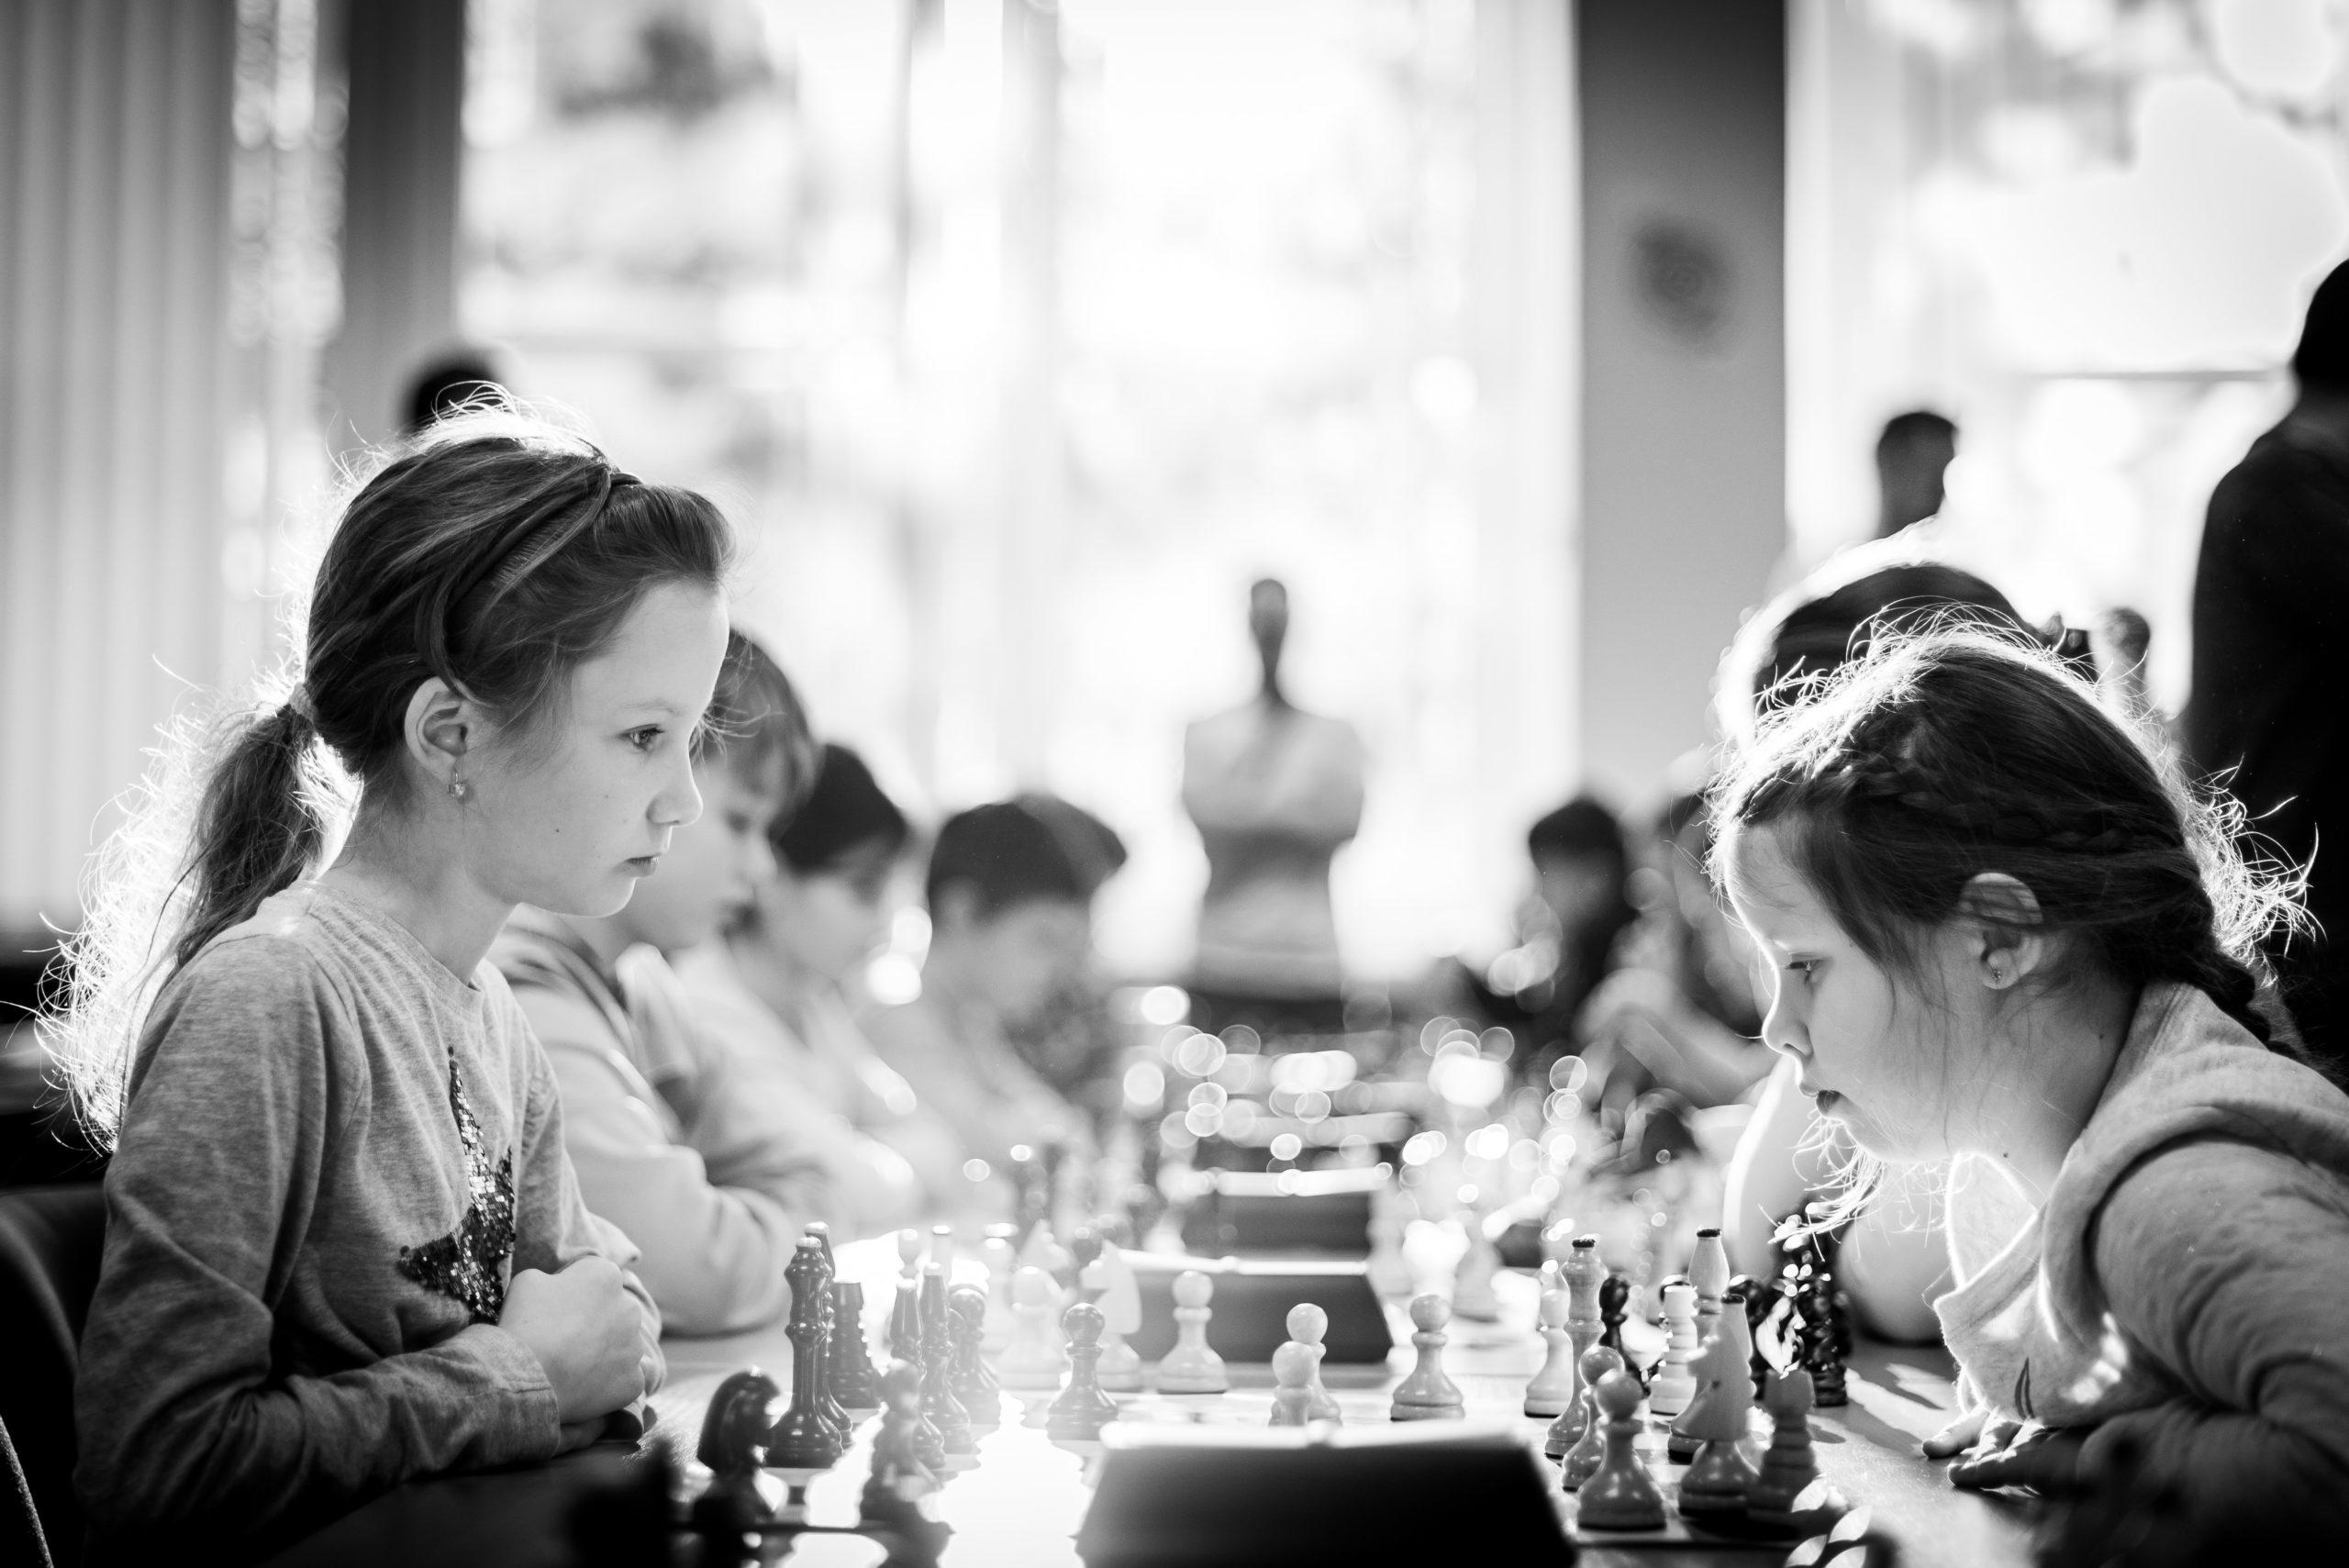 Adhésion totale des élèves  au jeu d'échecs